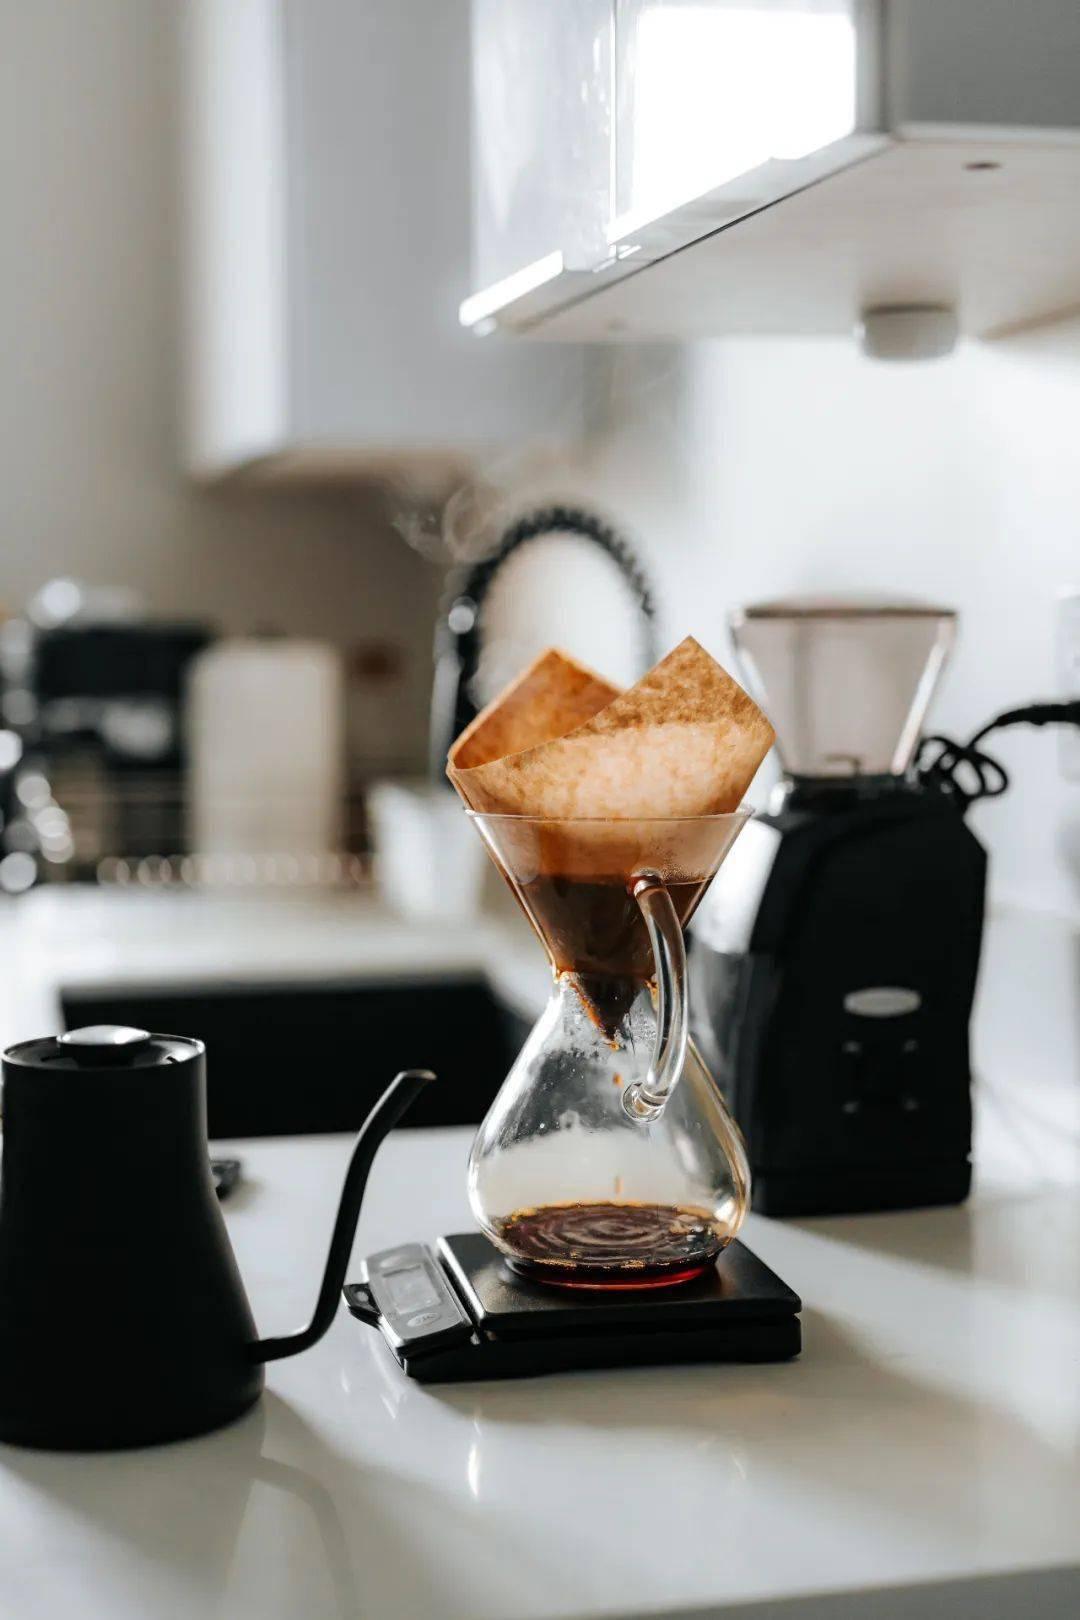 有个方法可以让咖啡喝起来变甜,你绝对想不到! 试用和测评 第2张